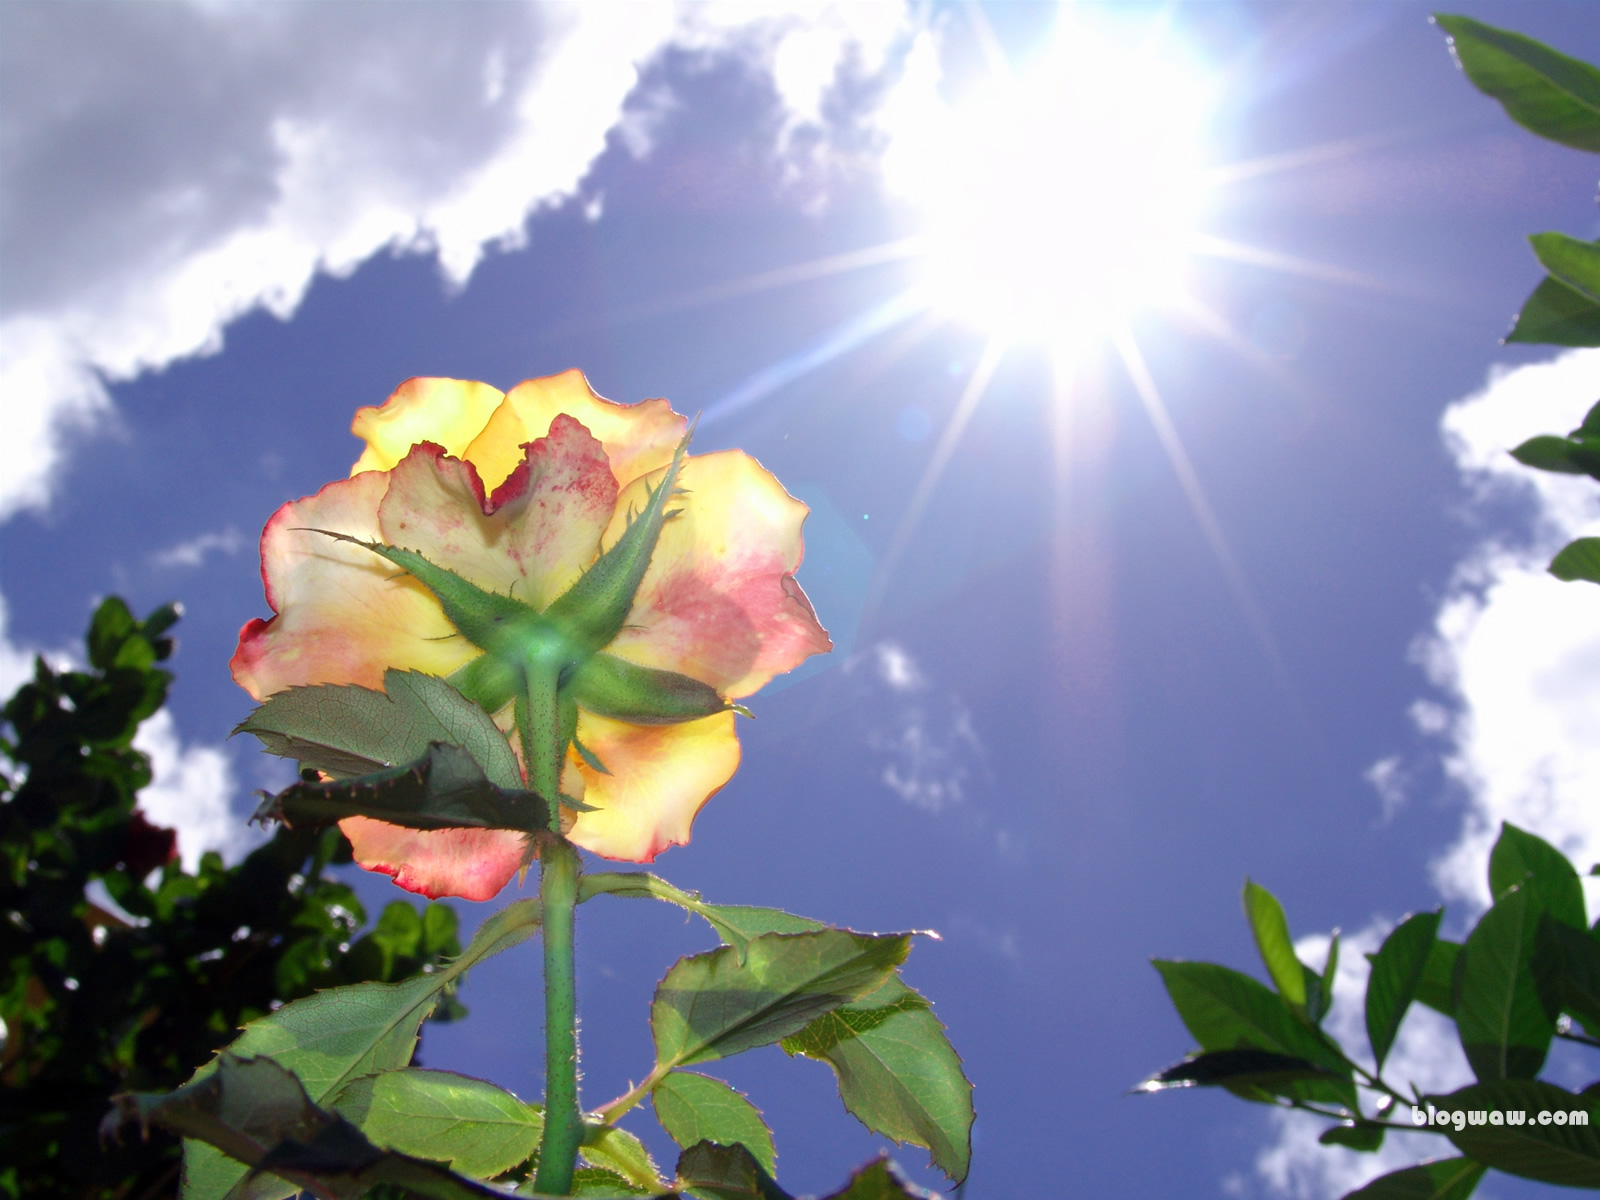 rosas no jardim poema:rosa encarou o sol que girou em volta dela a rosa confrontou o sol